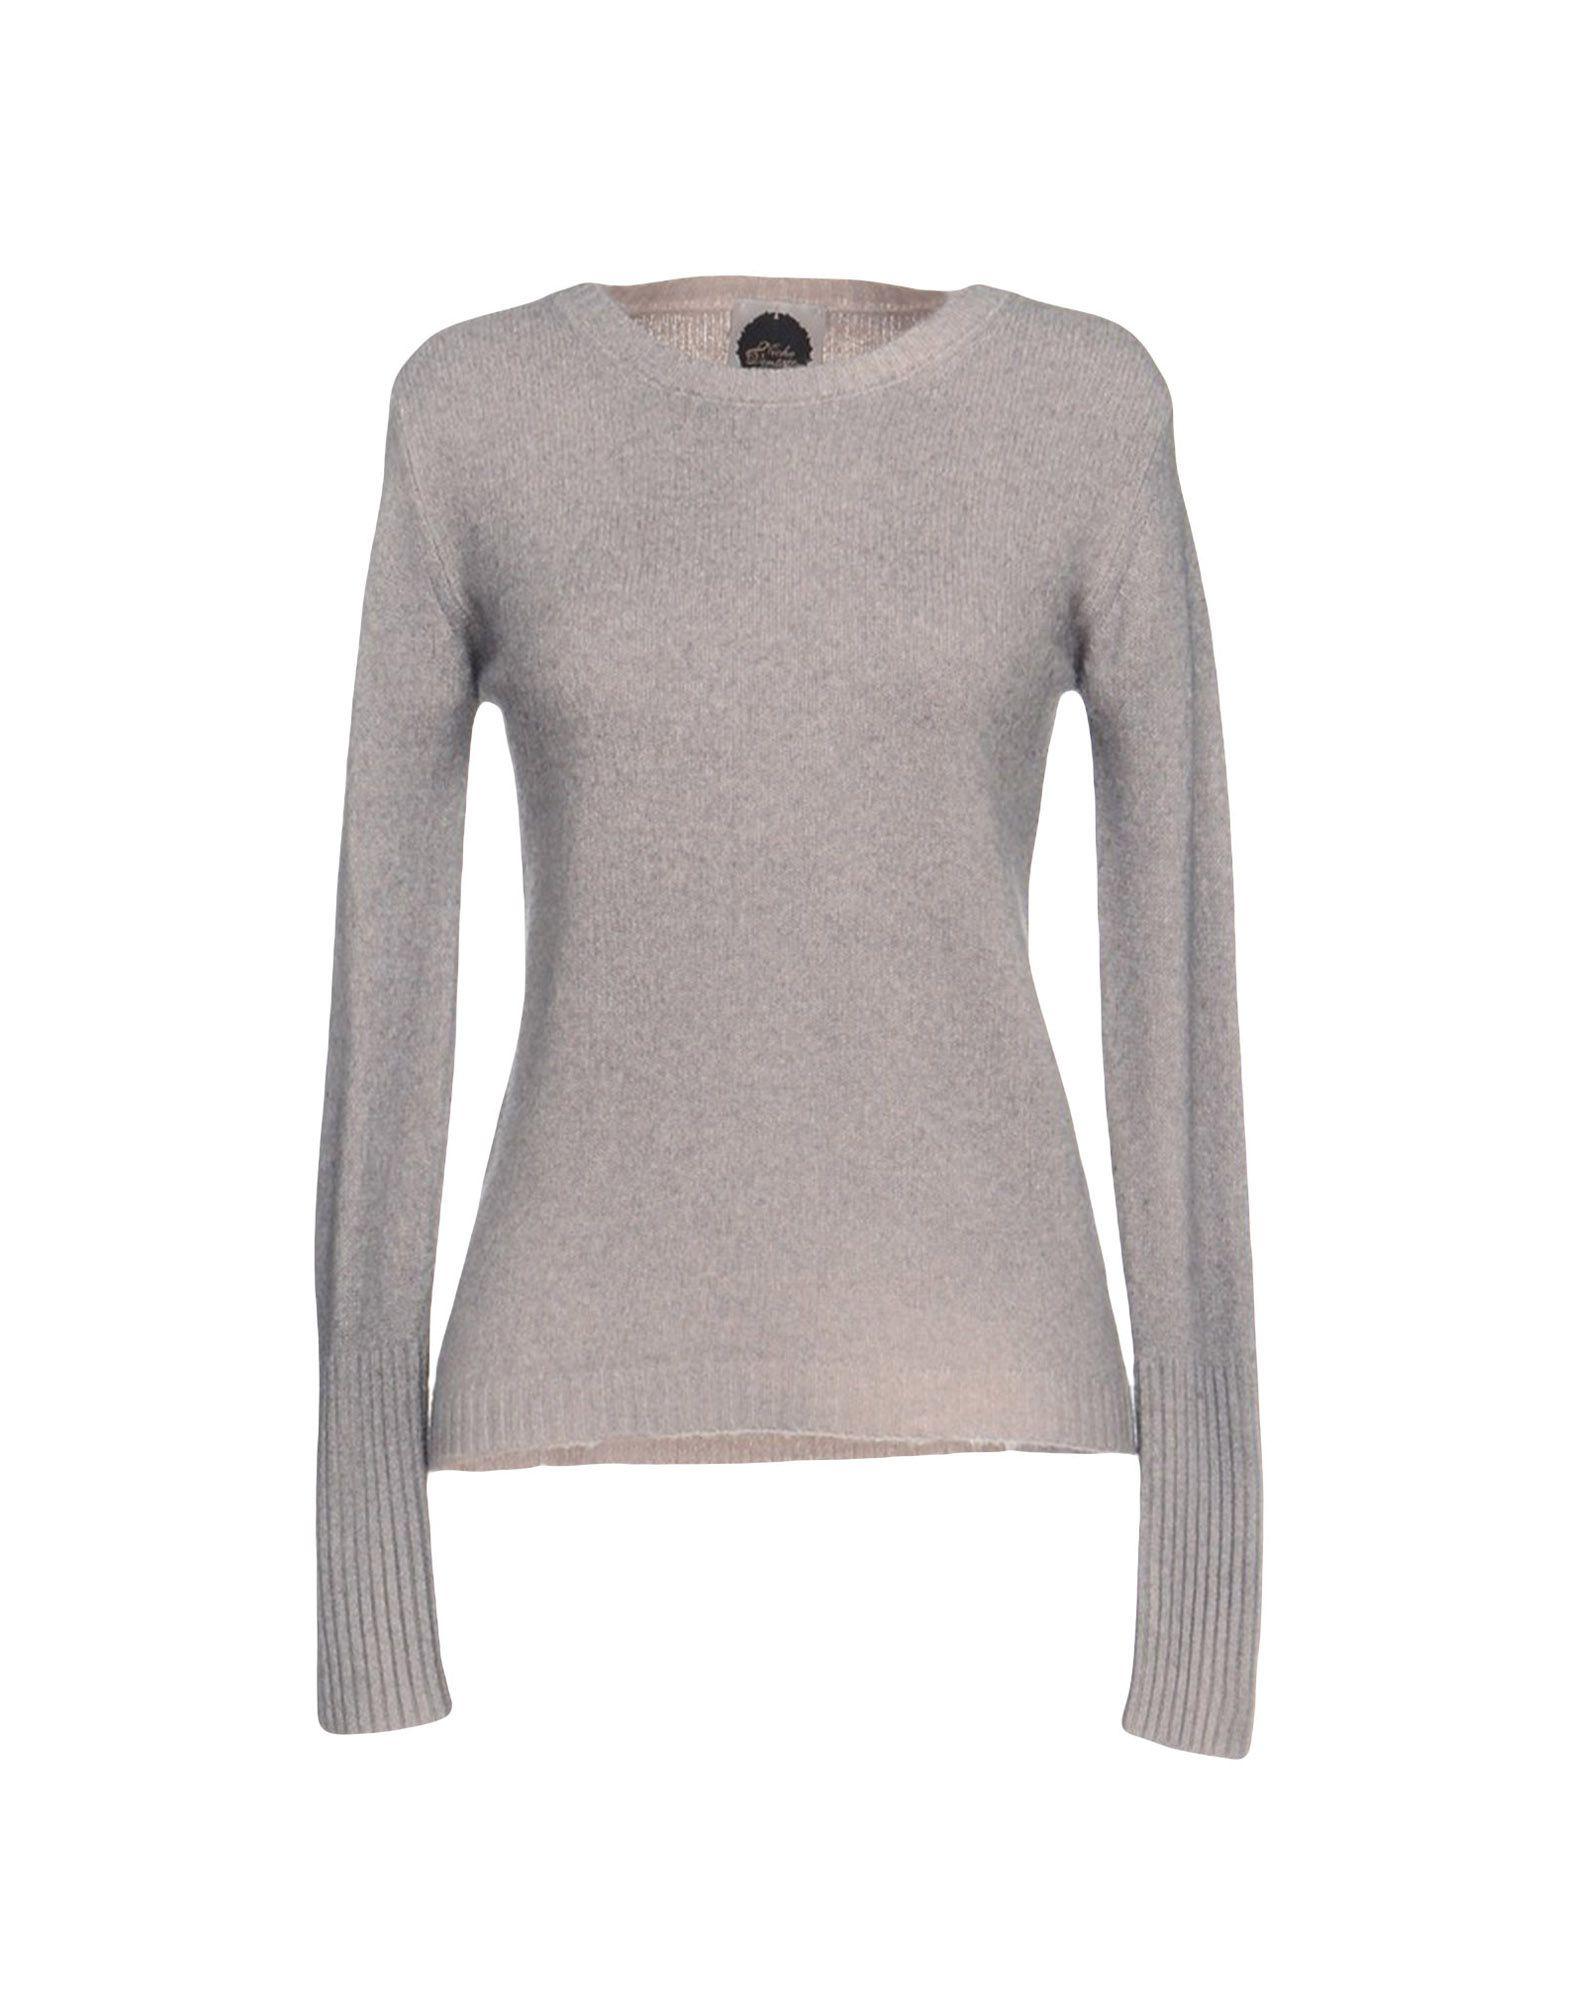 NICHE VENTOTTO Sweater in Dove Grey